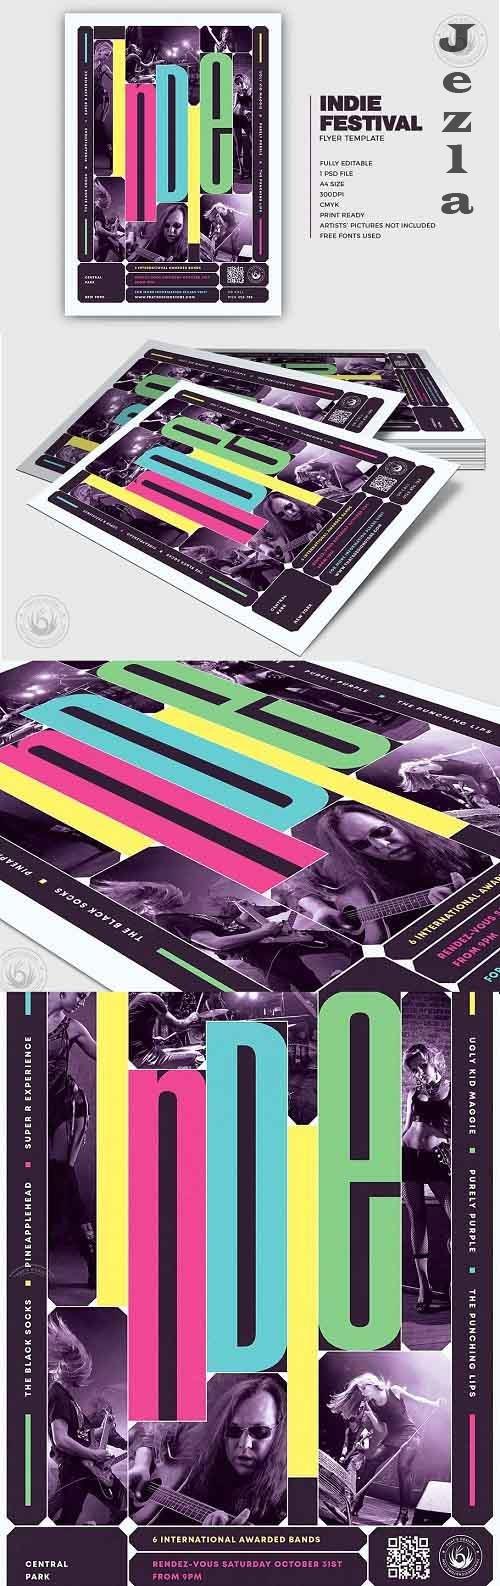 Indie Fest Flyer Template V10 - 5340976